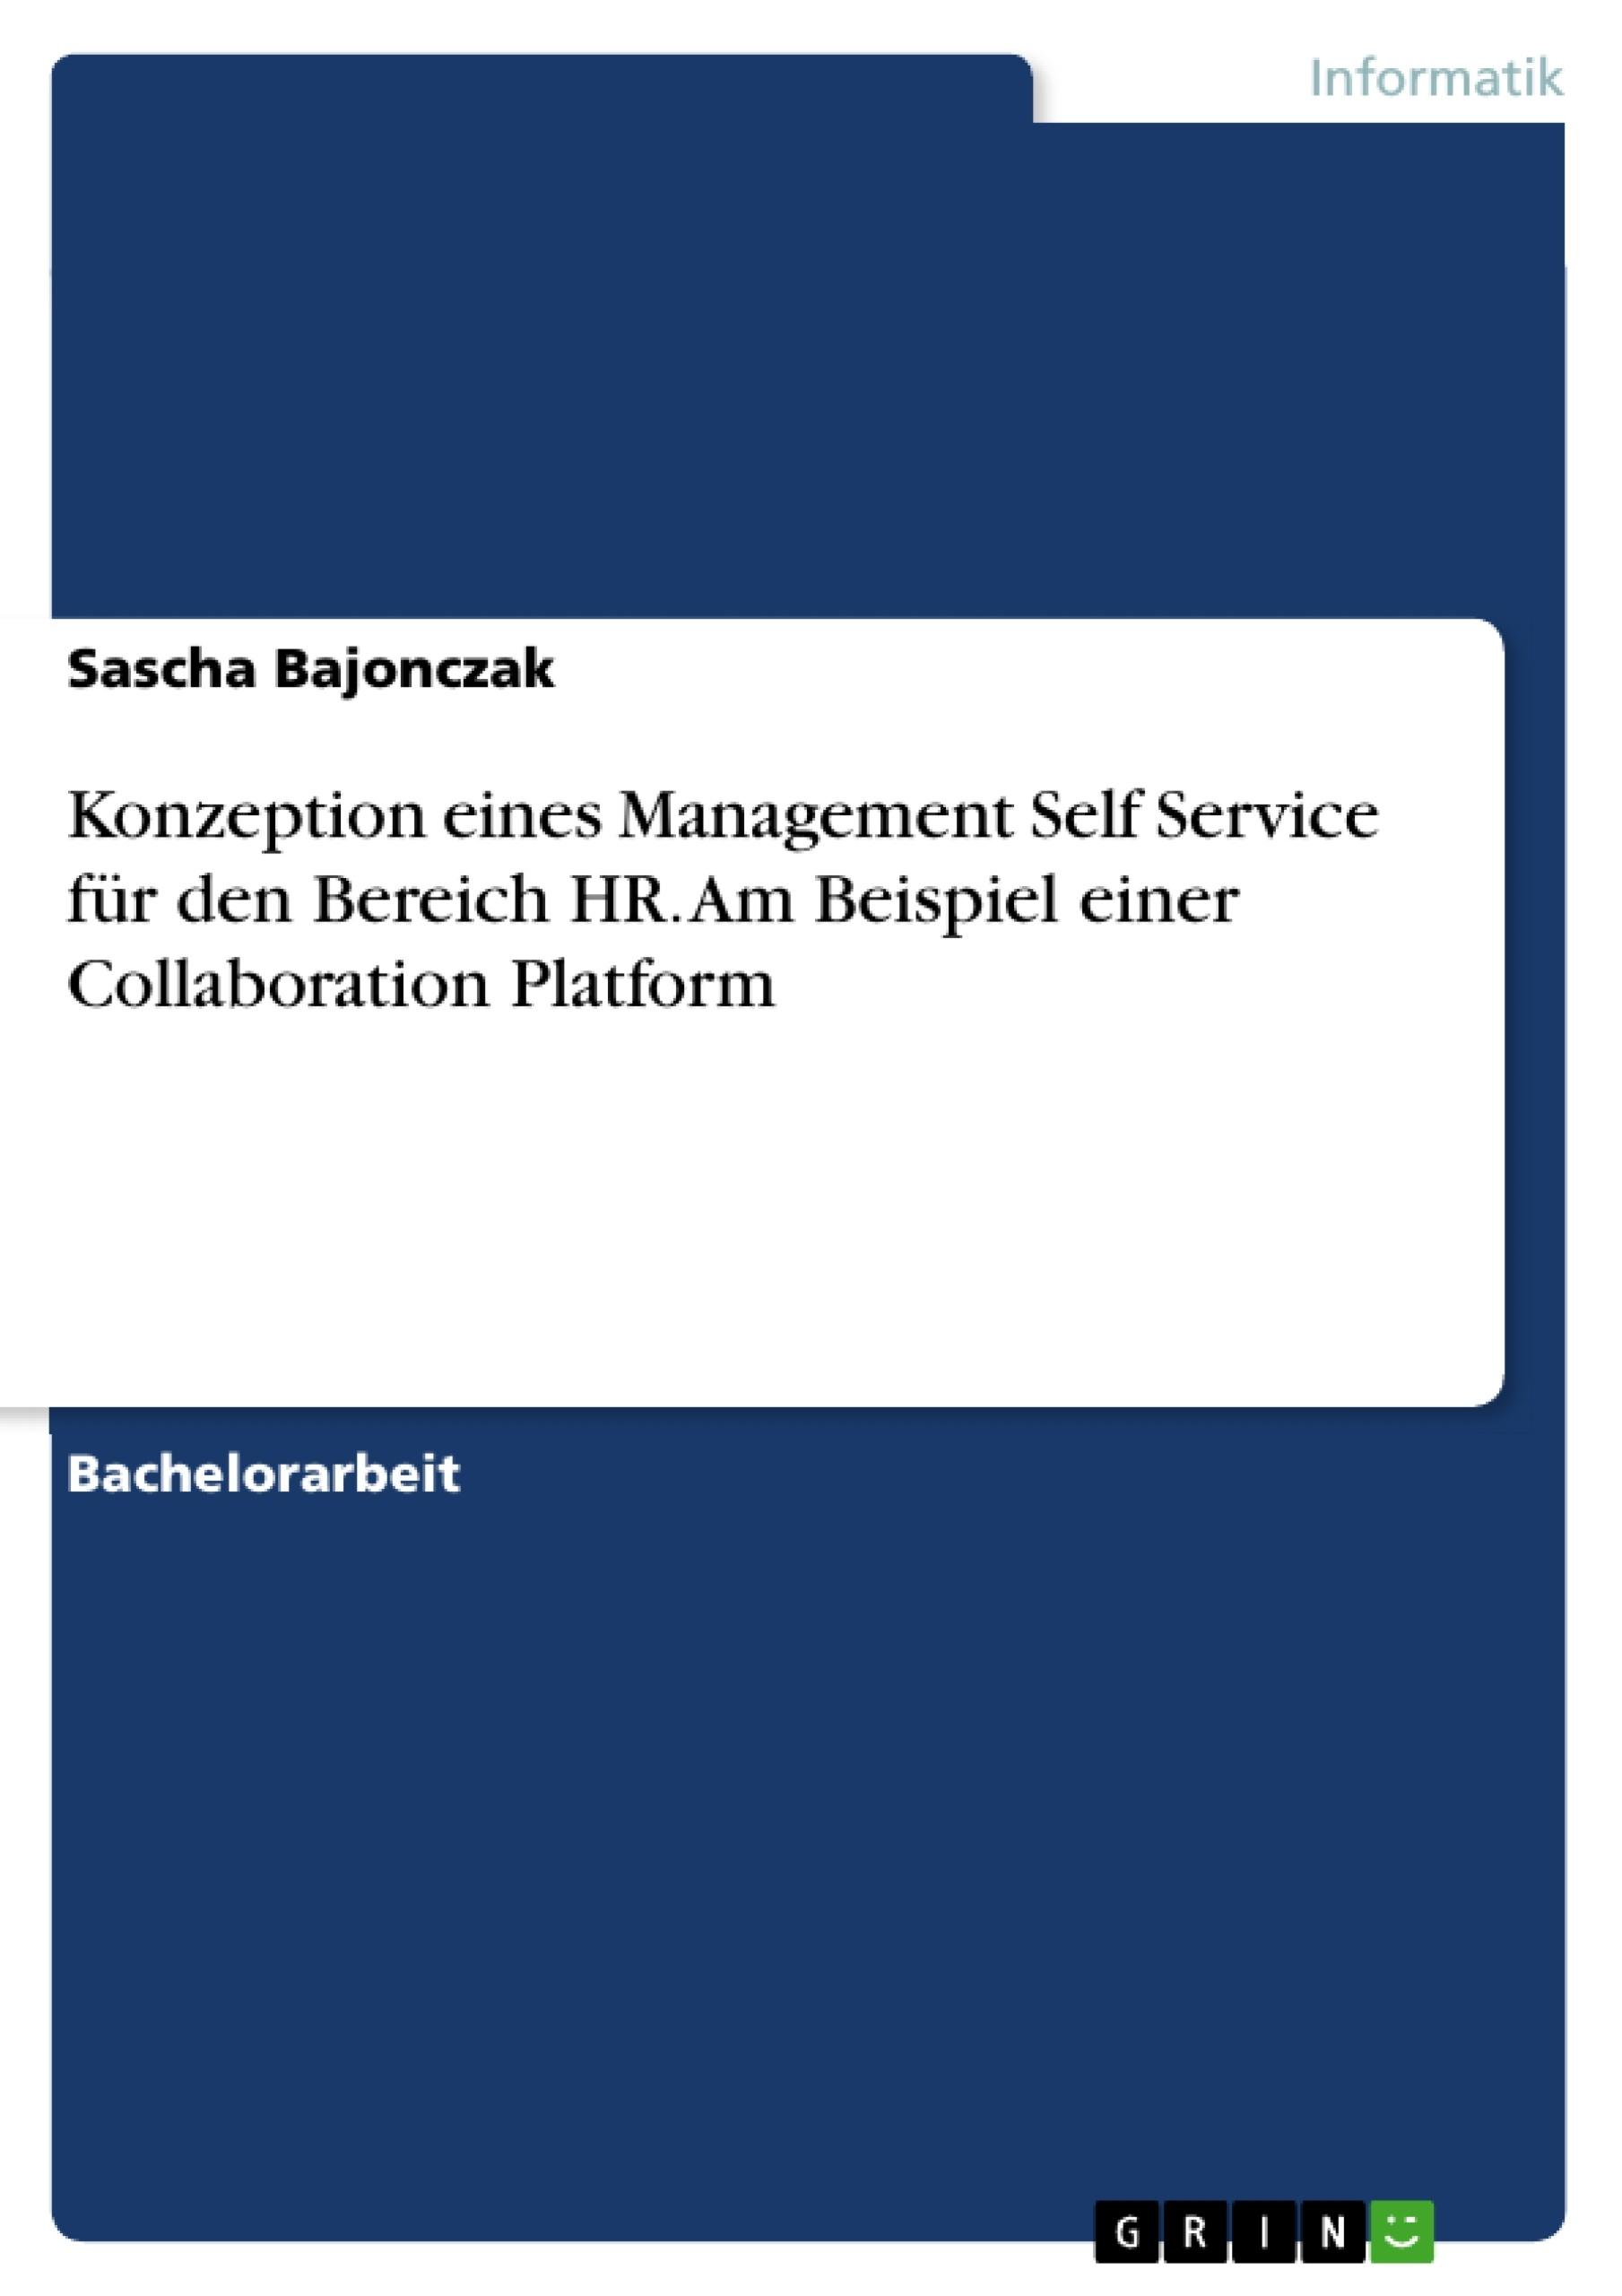 Titel: Konzeption eines Management Self Service für den Bereich HR. Am Beispiel einer Collaboration Platform